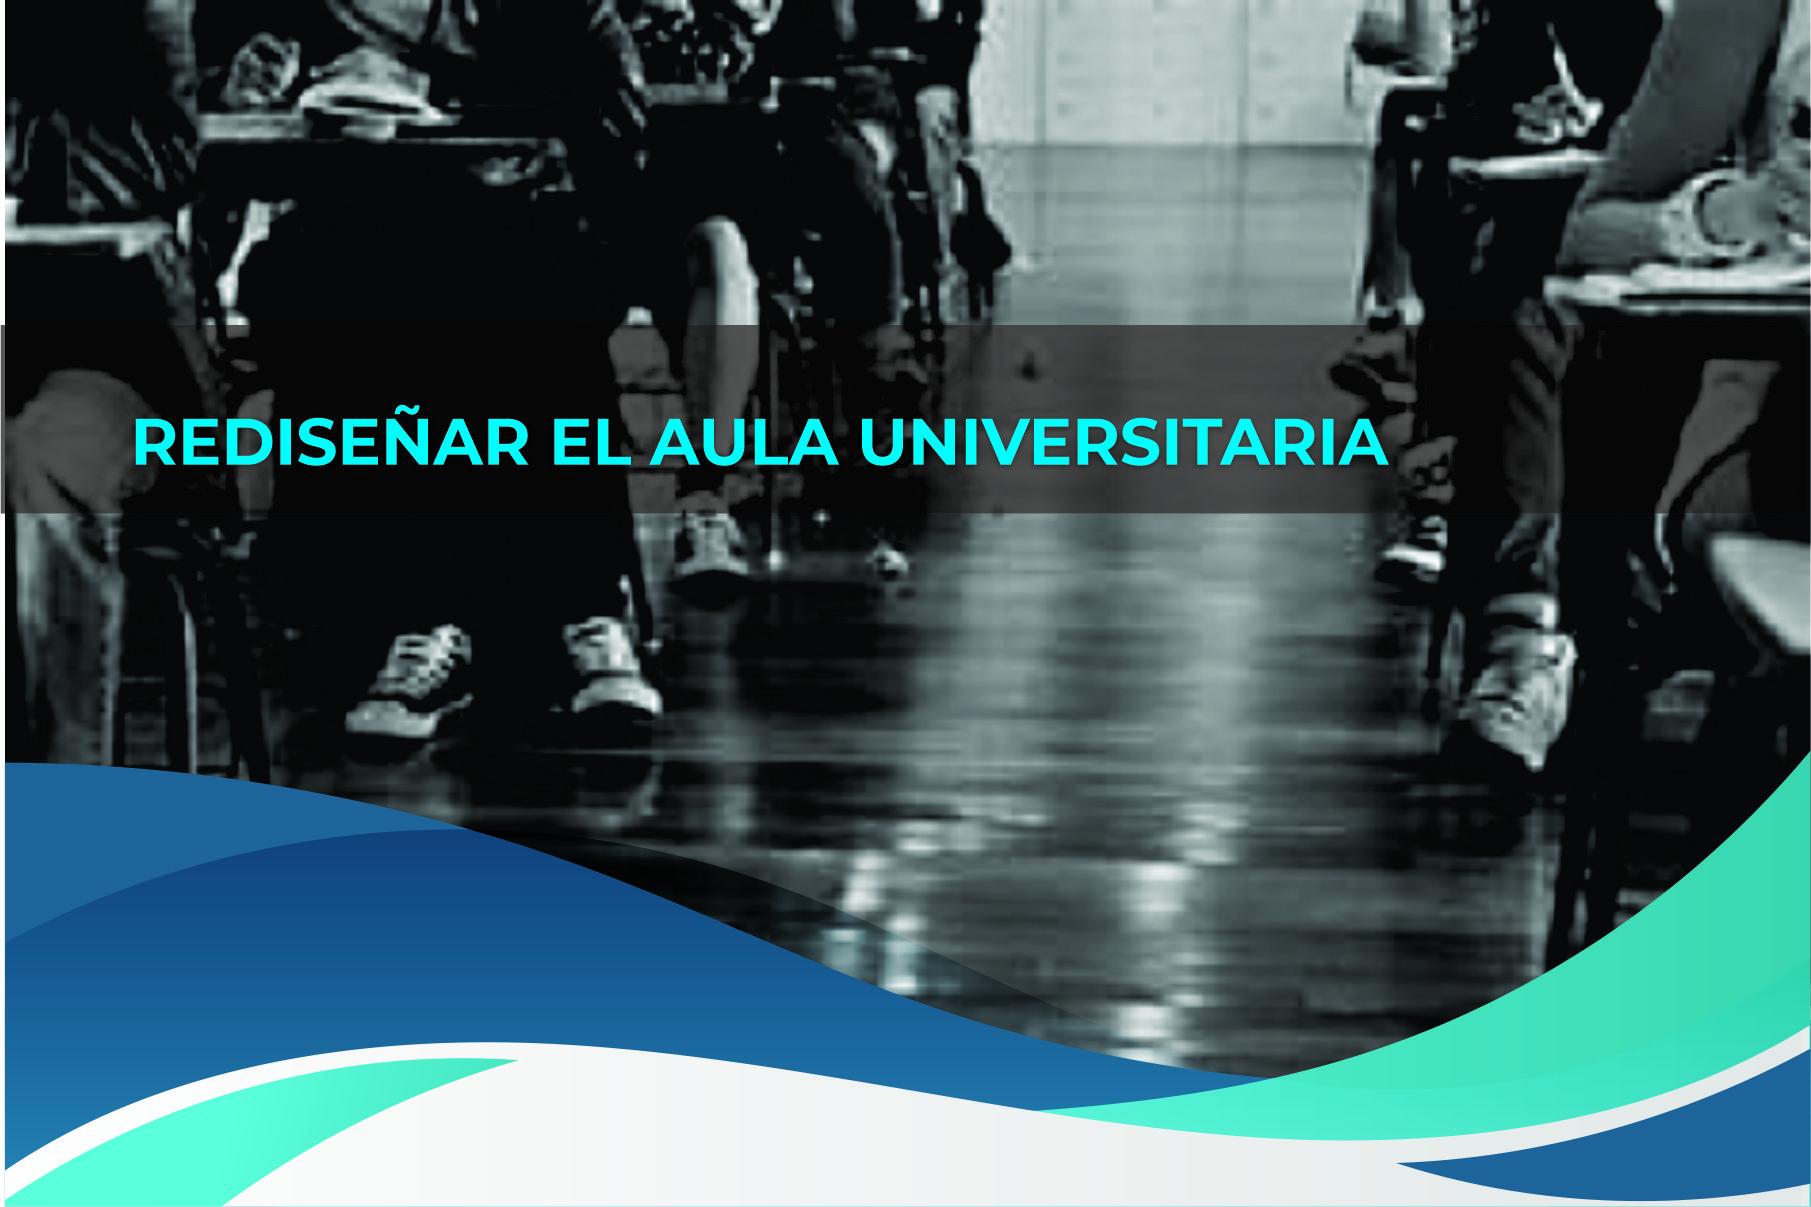 Rediseñar el Aula Universitaria